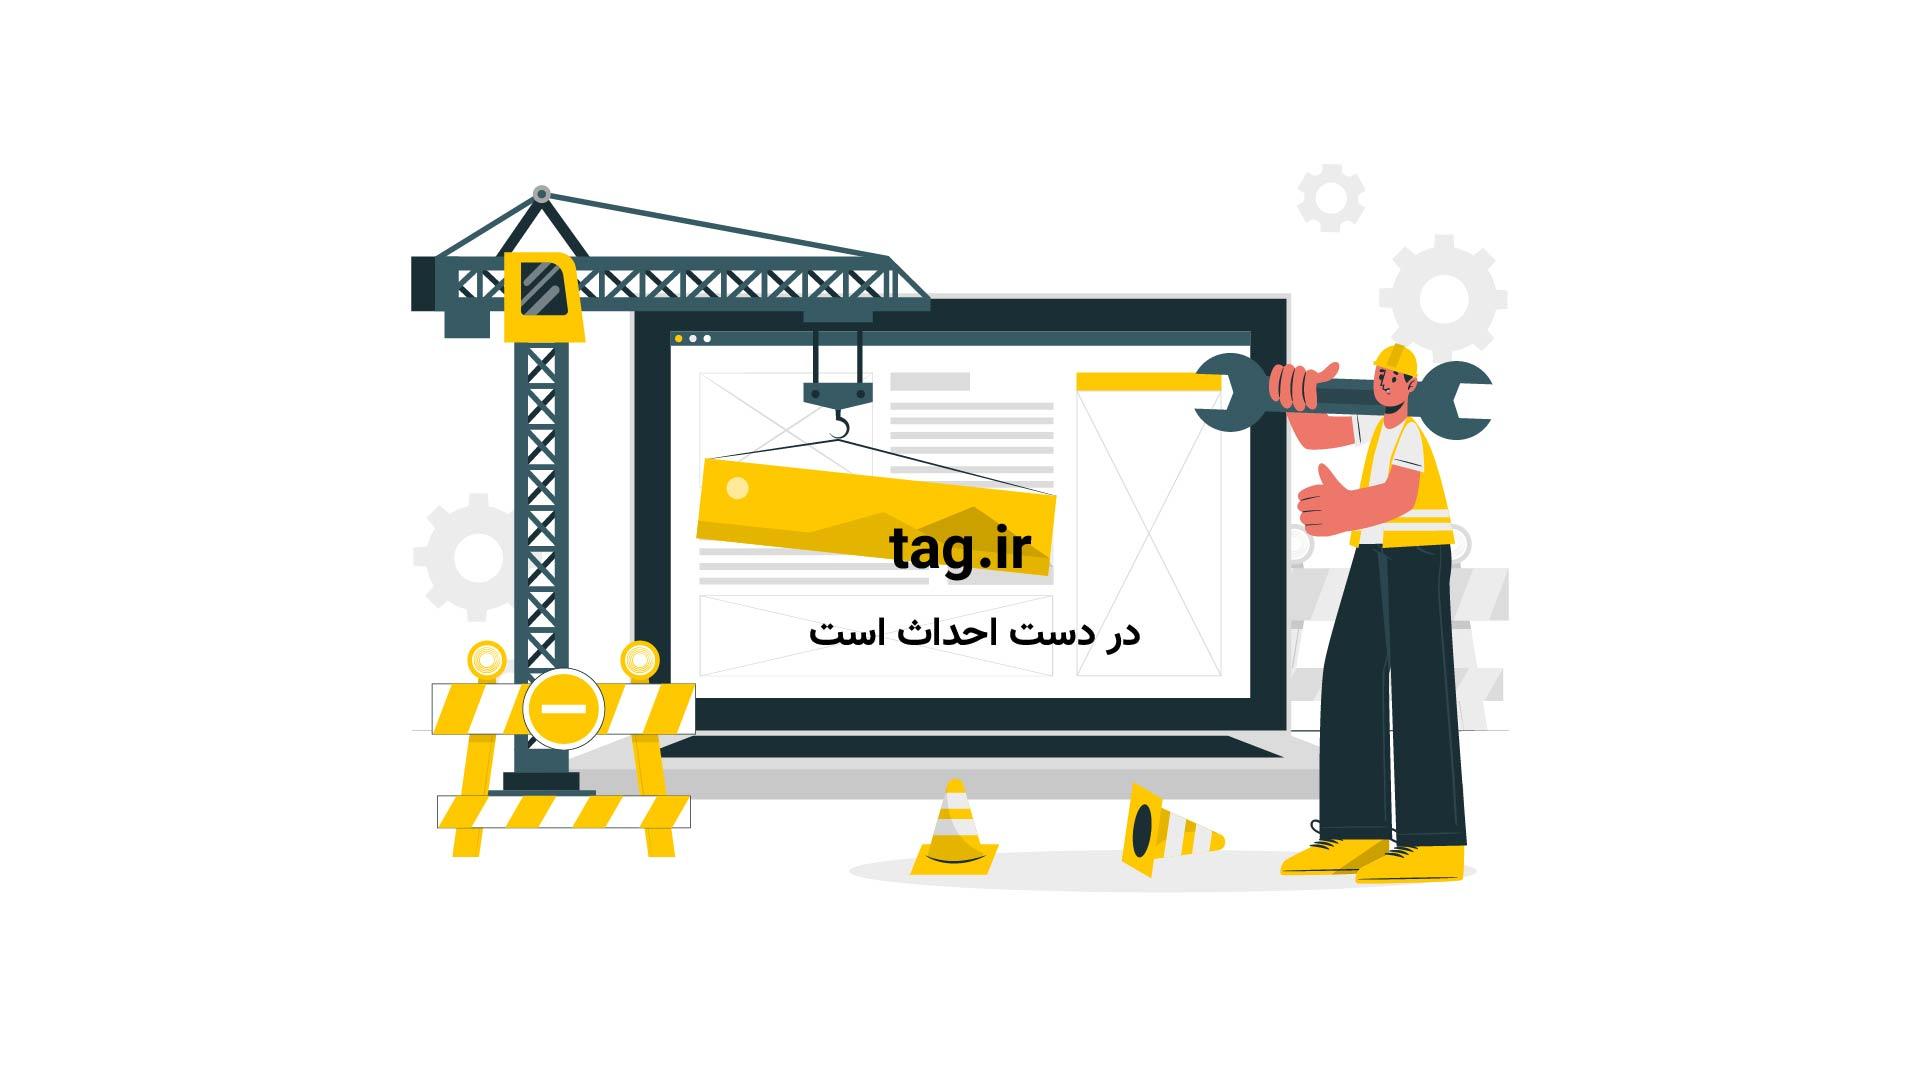 فیلم سلفی با آثار تاریخی ۳۱ استان ایران در یک دقیقه